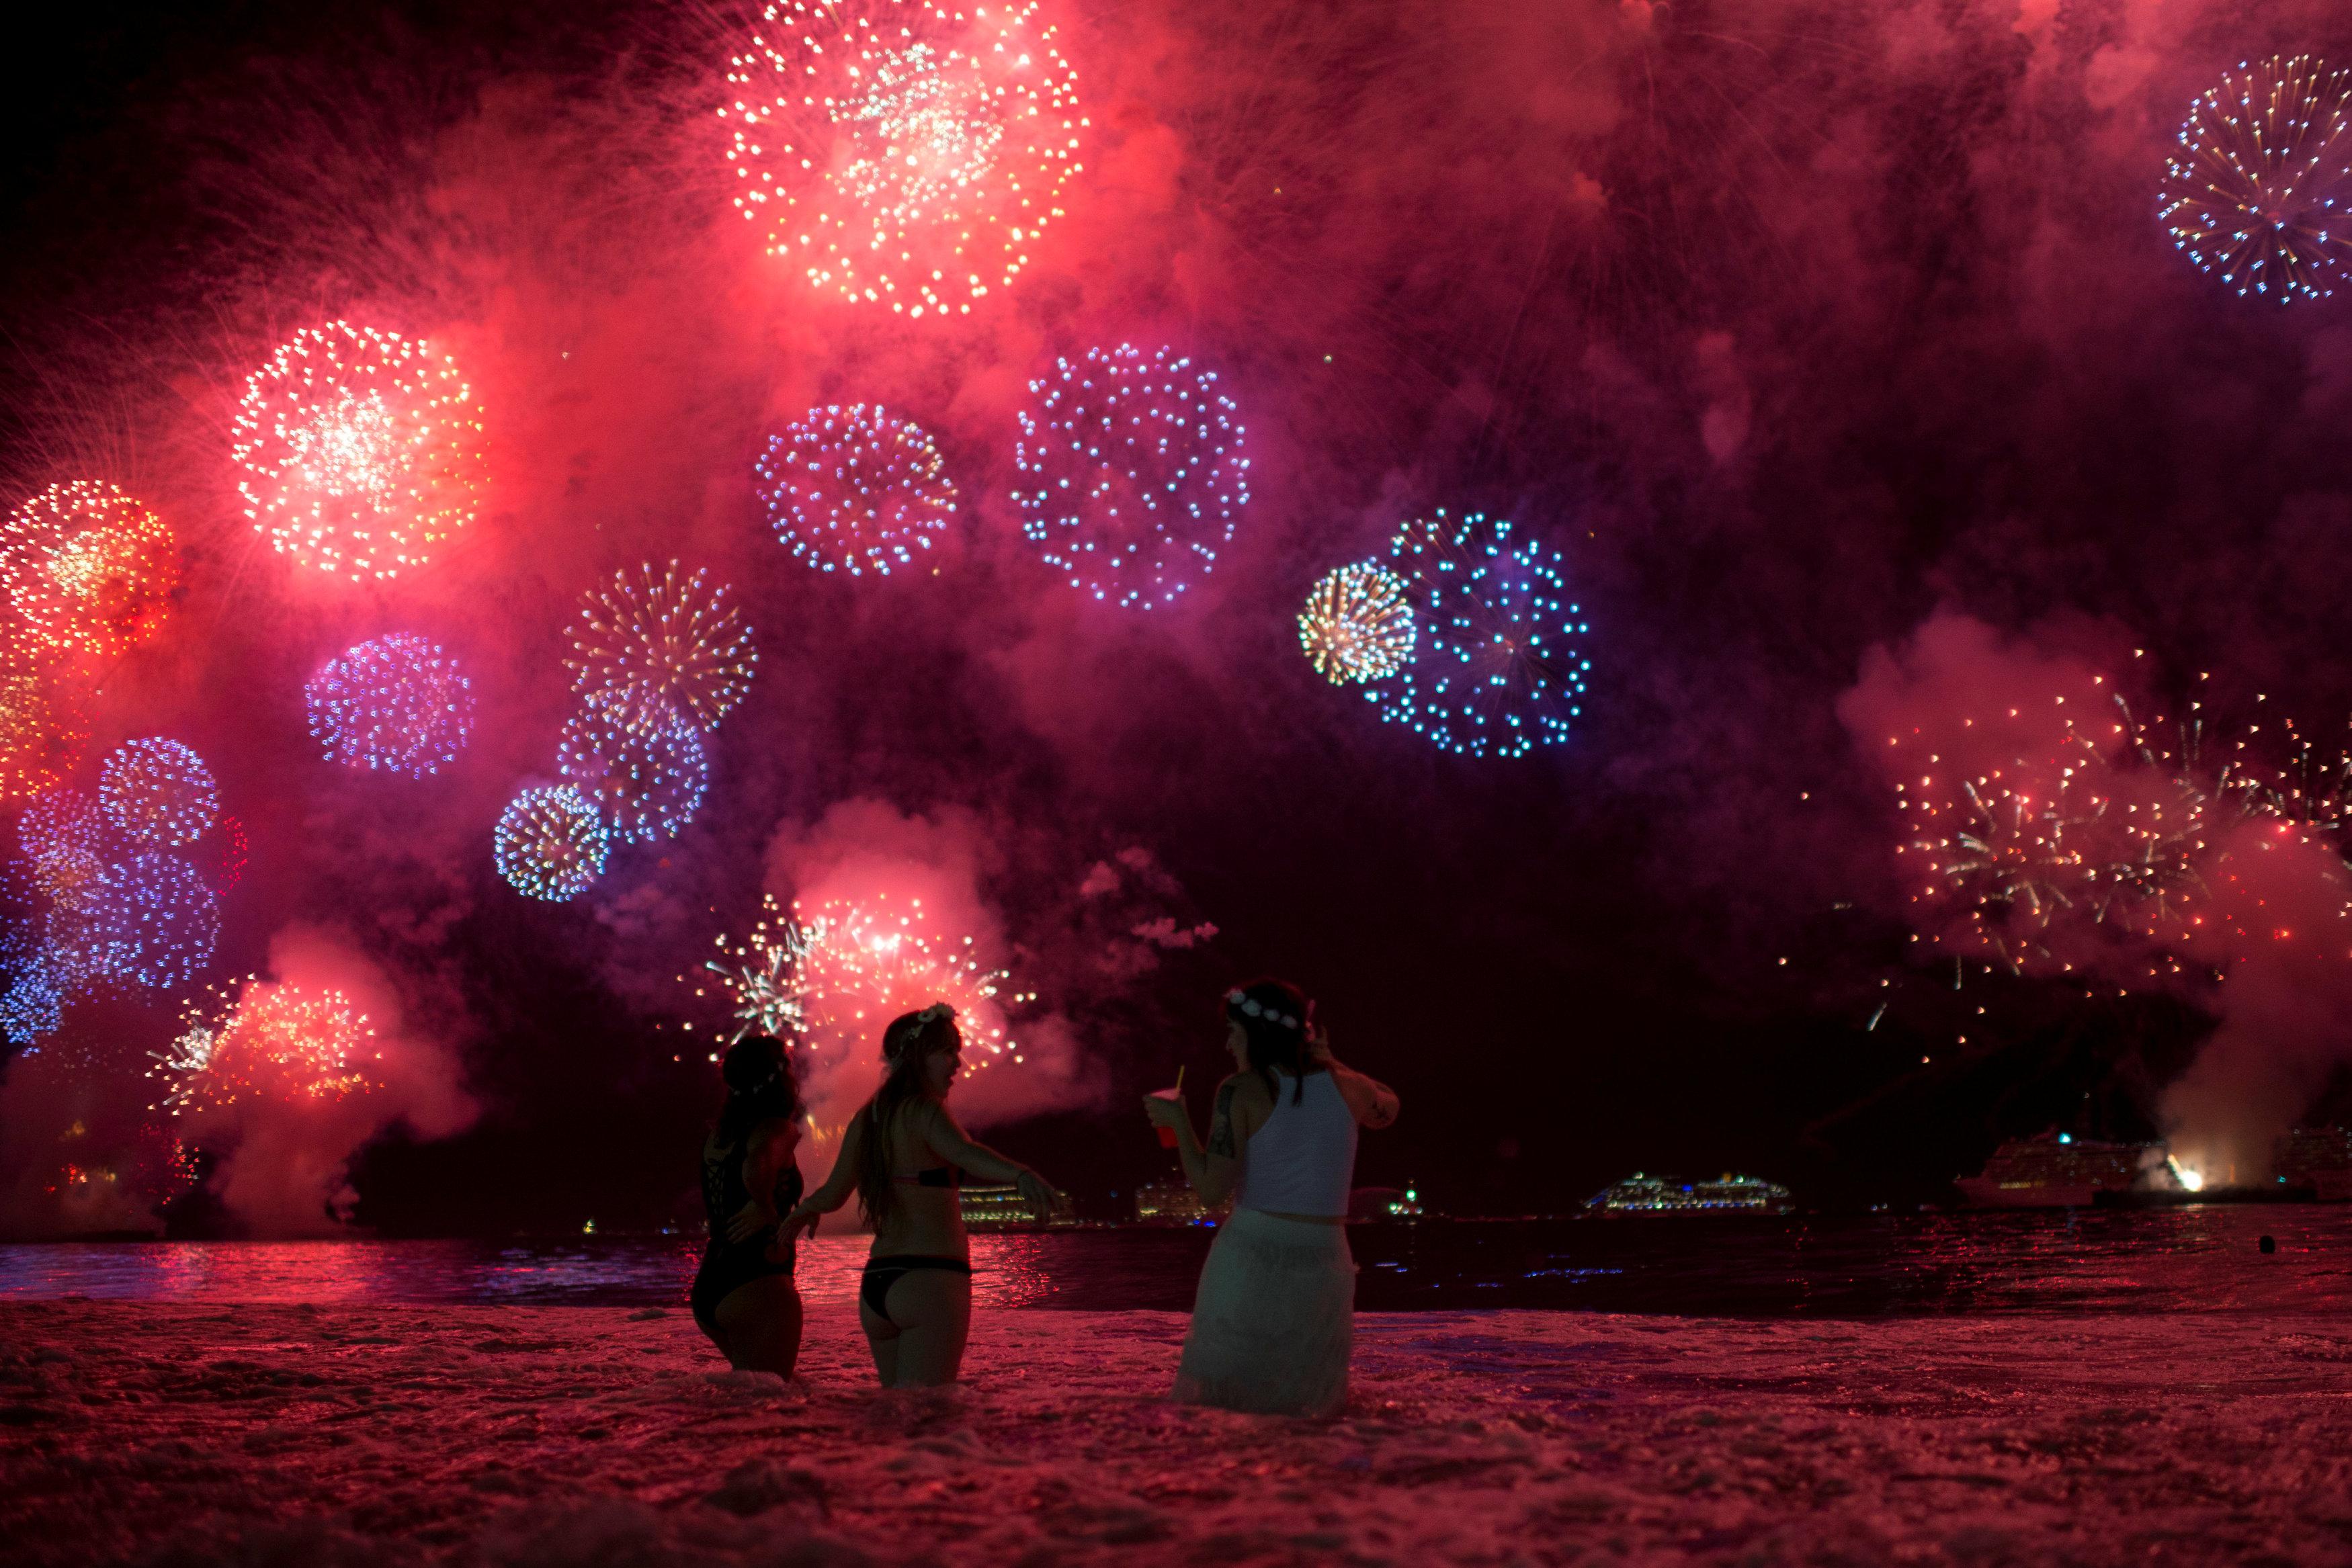 Fuegos artificiales en la playa de Copacabana, en Río de Janeiro, en Brasil (REUTERS/Lucas Landau)